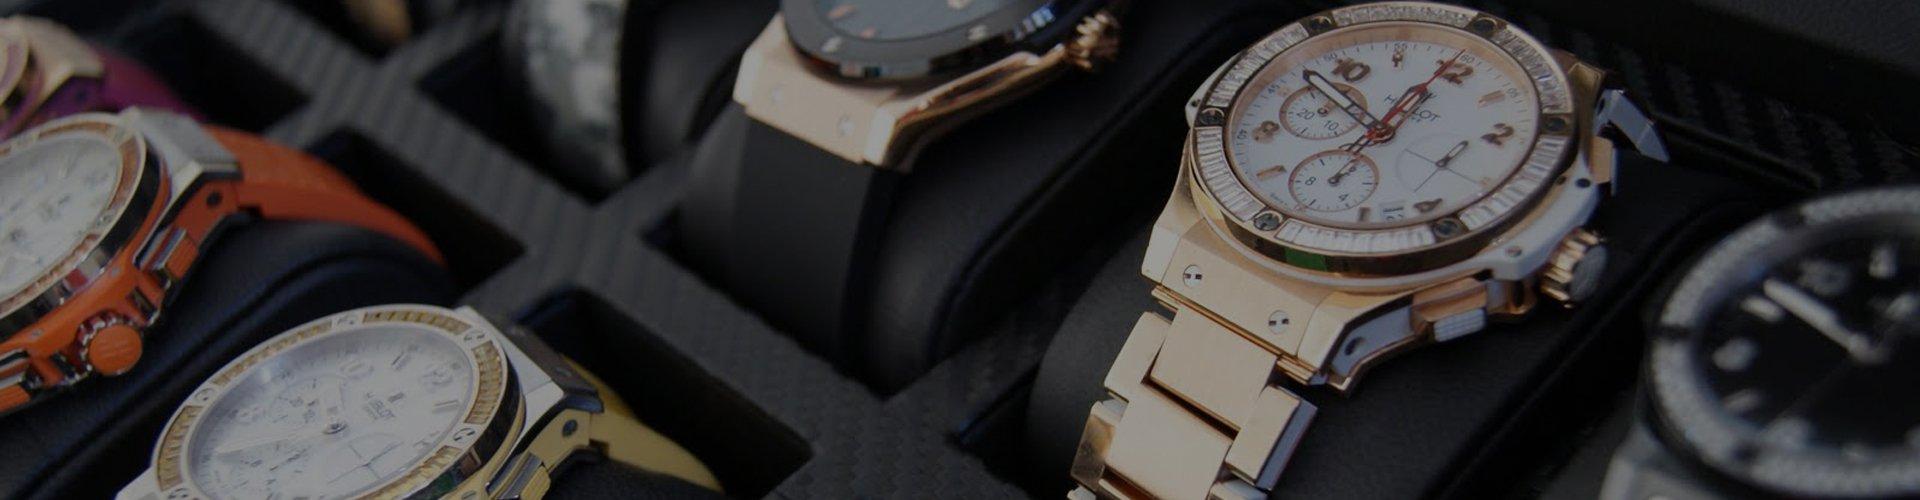 Санкт-петербург скупка часов охрана за личная час стоимость